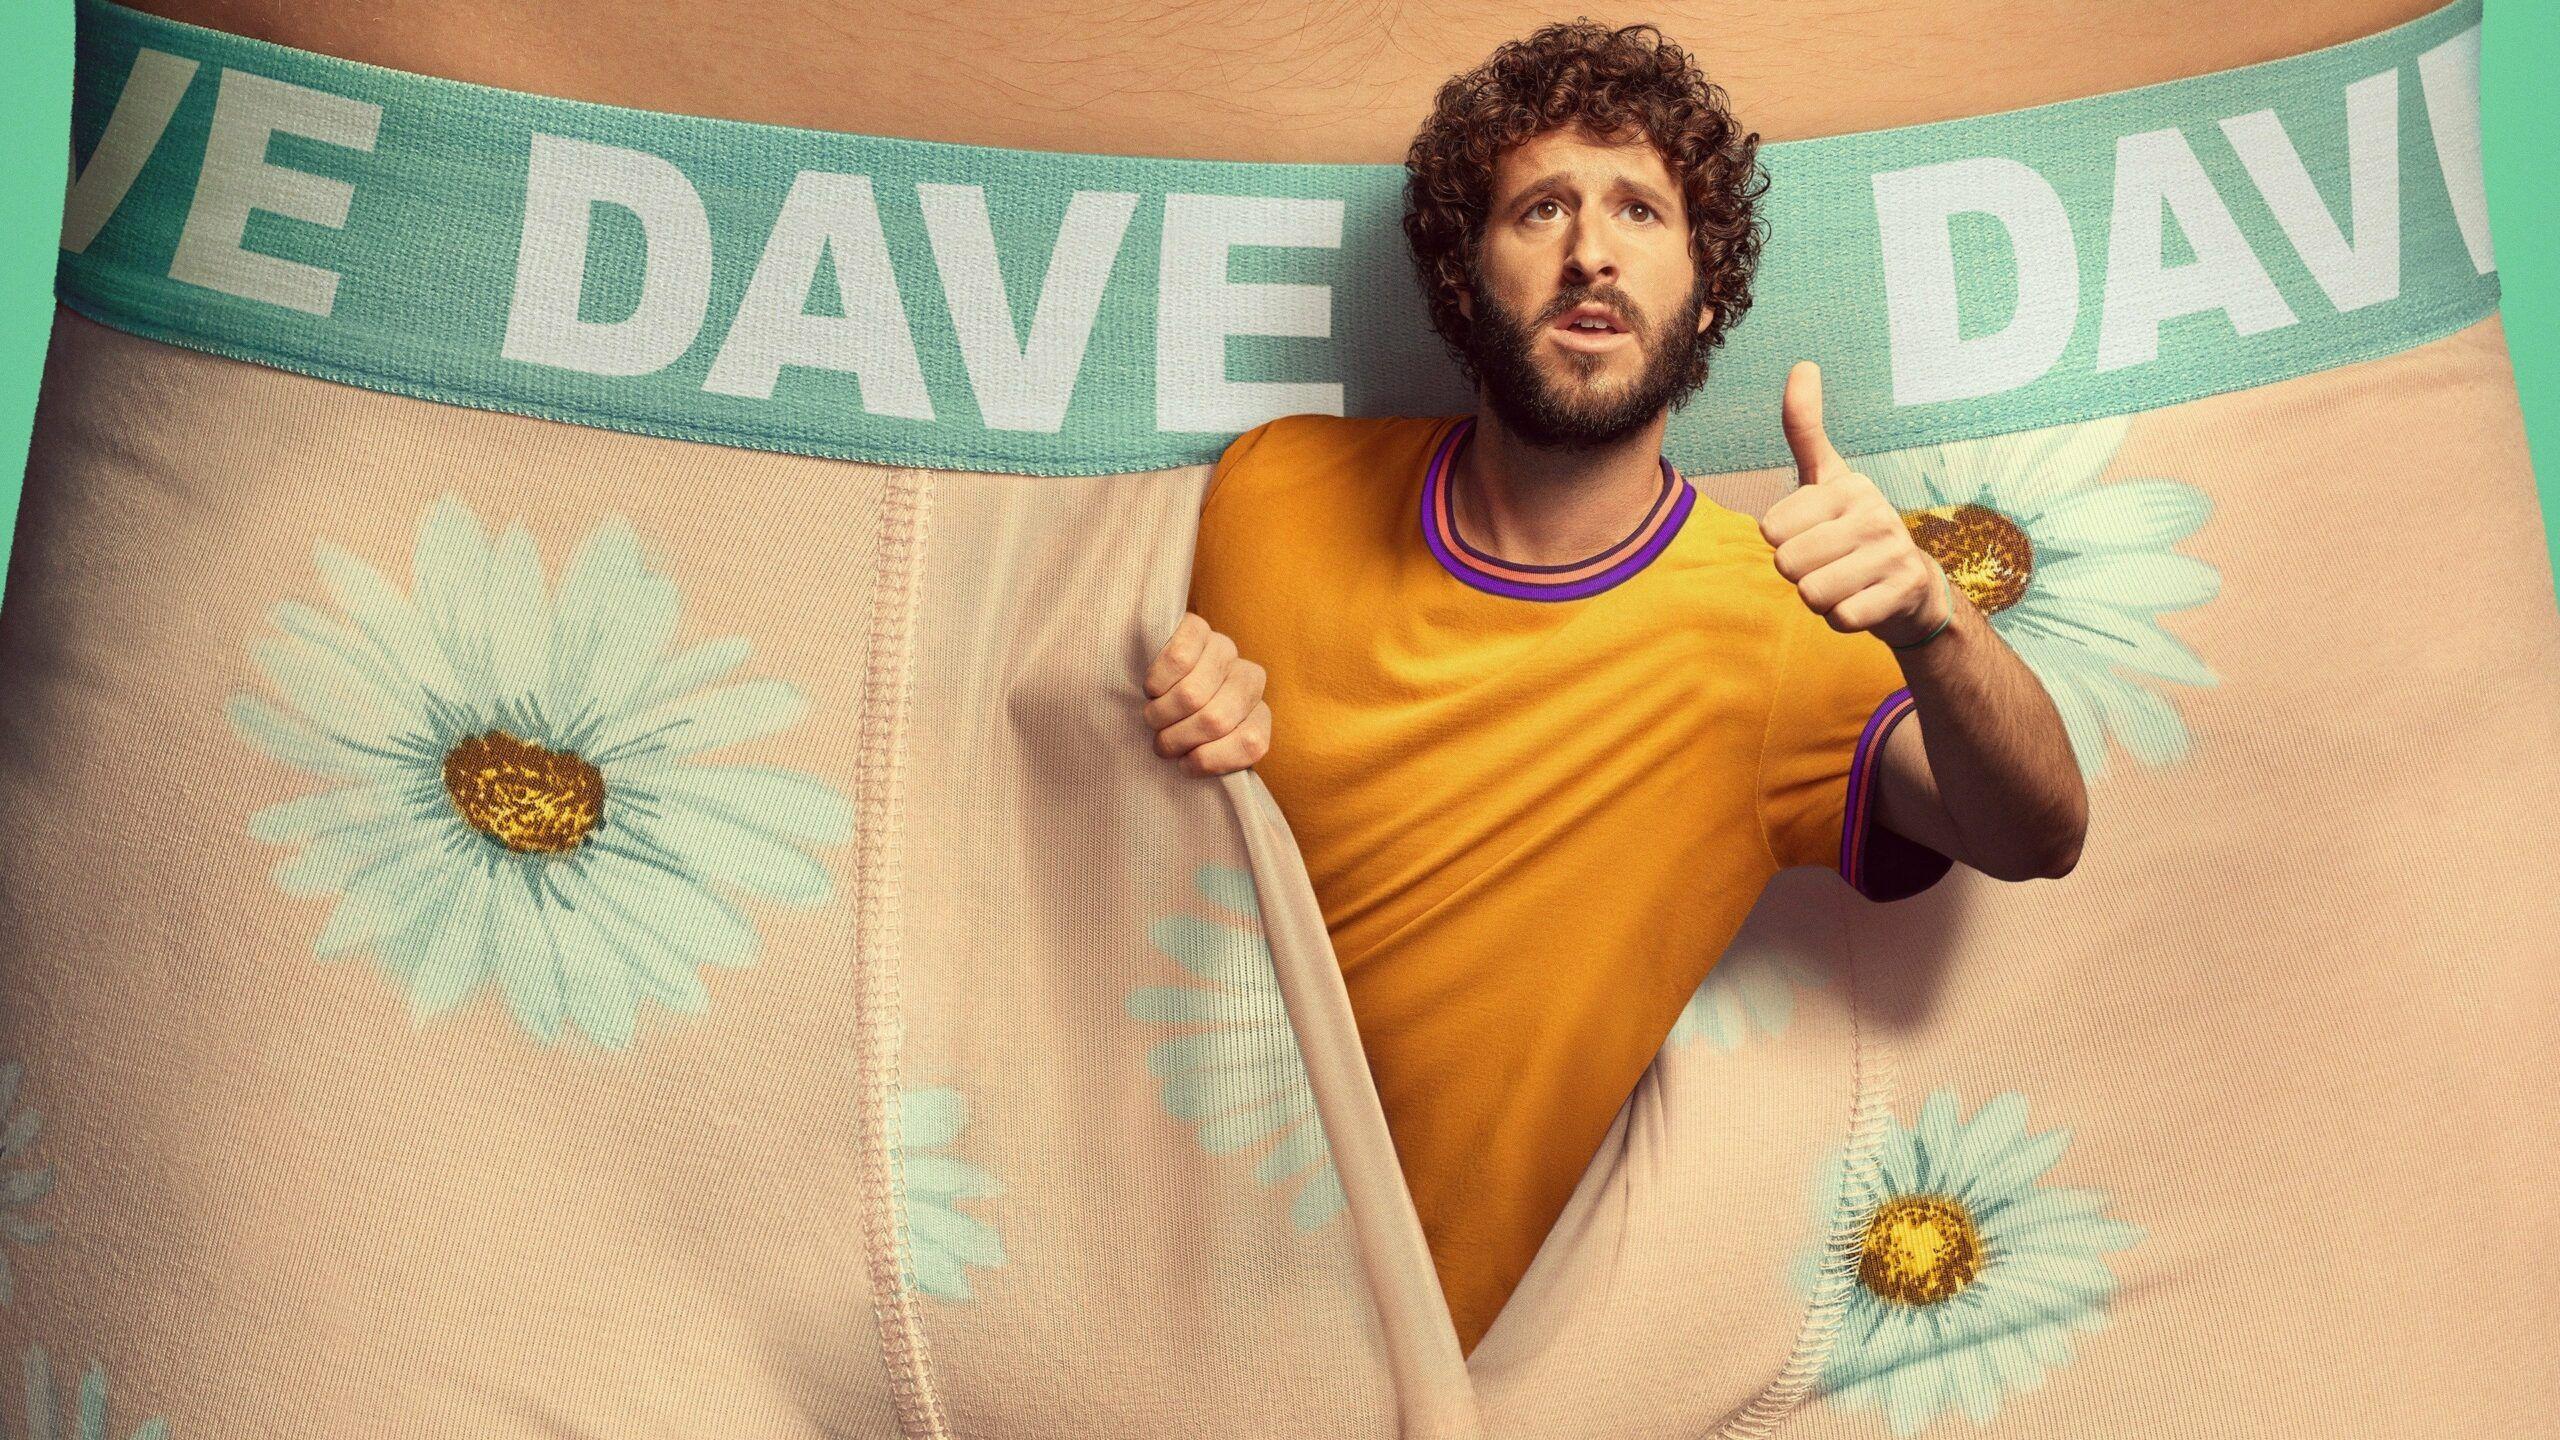 Dave: s1e1